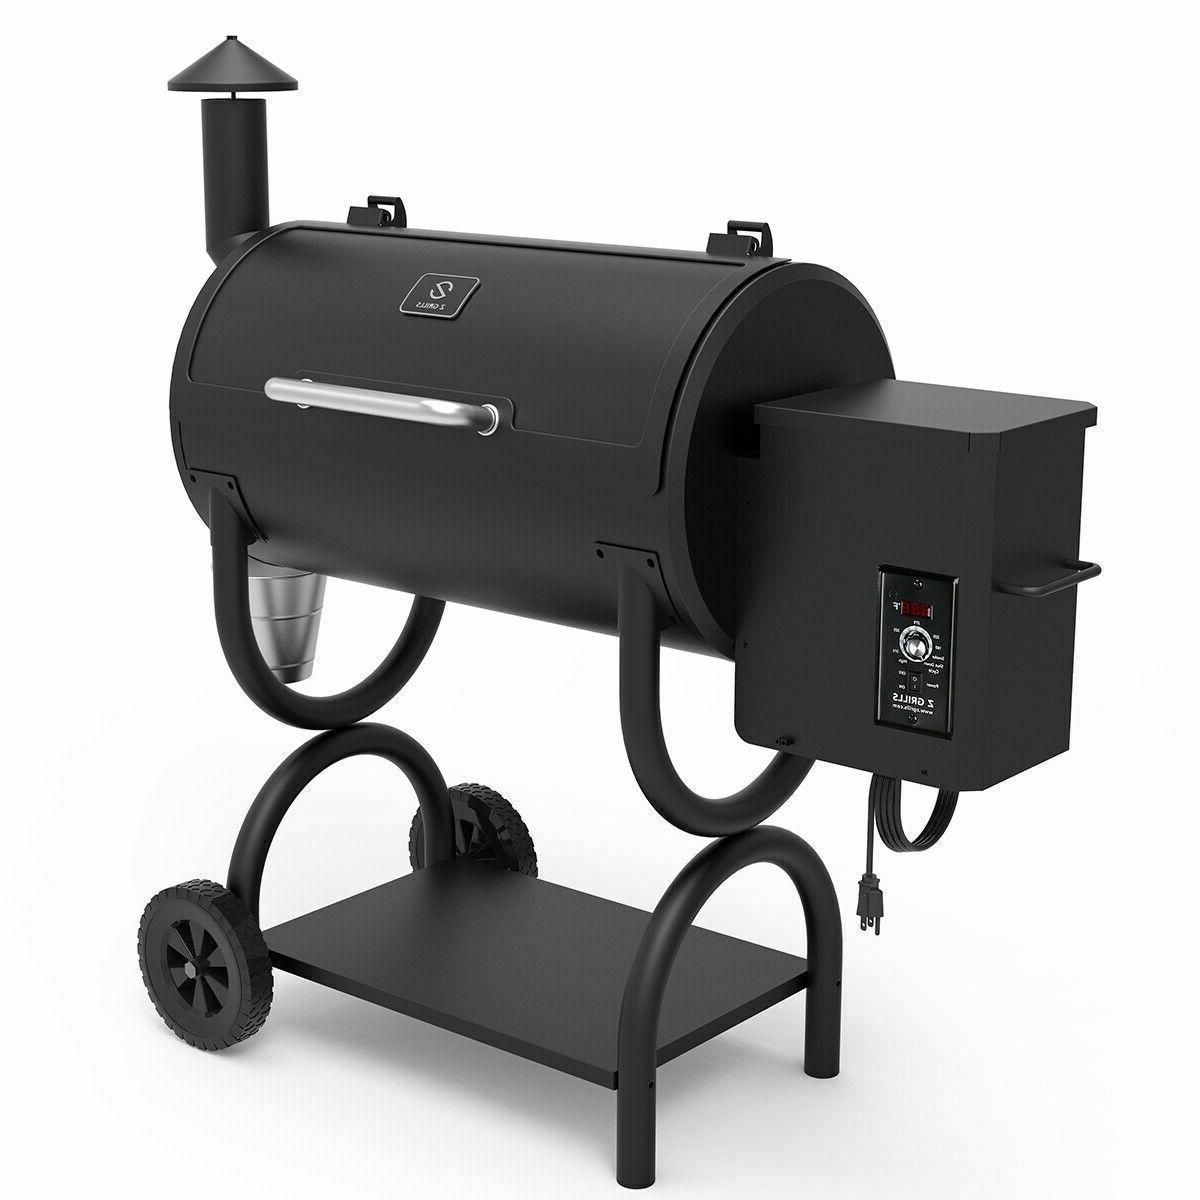 Z Grills ZPG-550B Wood Pellet Grill & Smoker 7 in 1- Electri